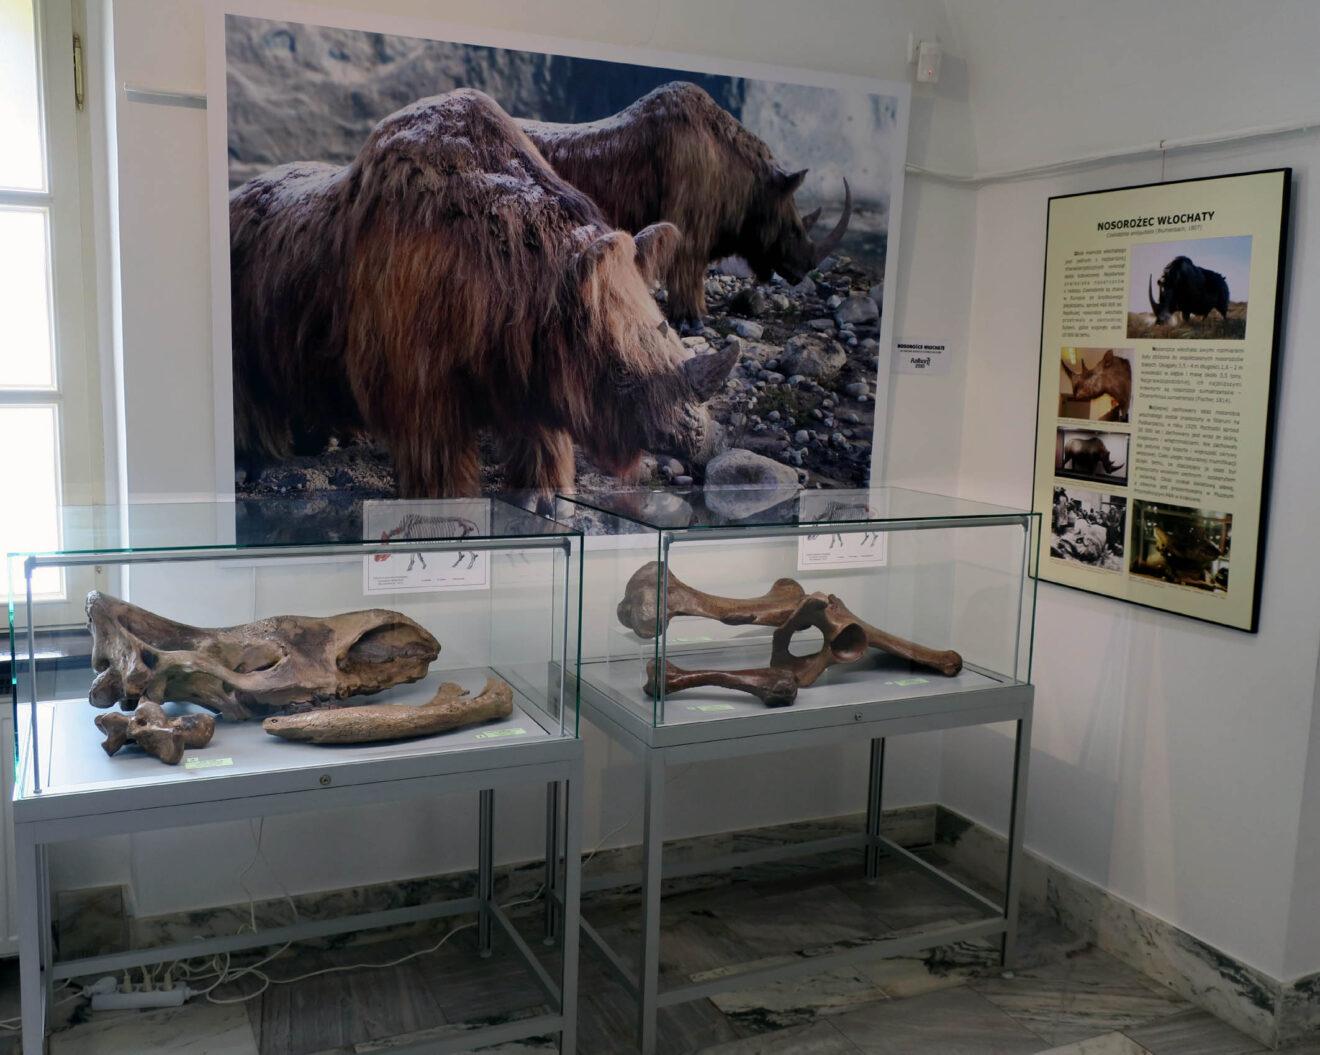 Fragment wystawy z fotografiami nosorożca i gablotami jego szczątków.